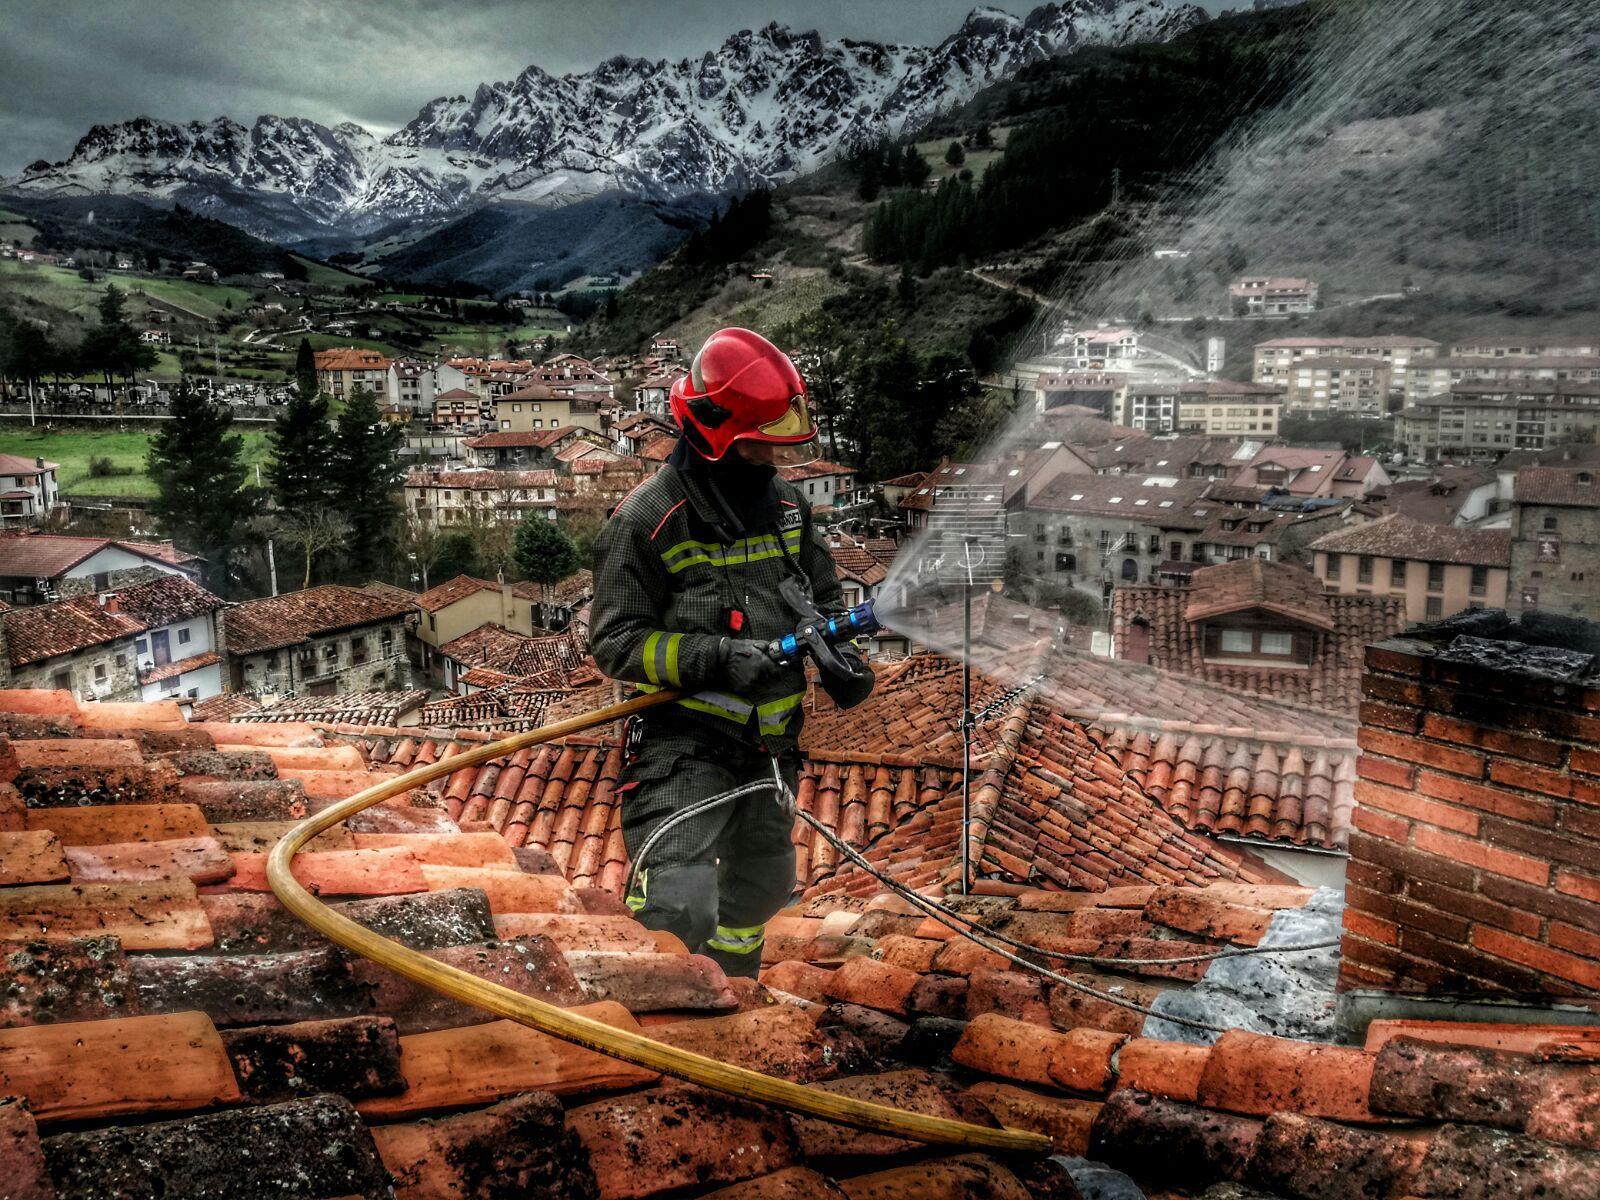 112 servicio de emergencias en cantabria